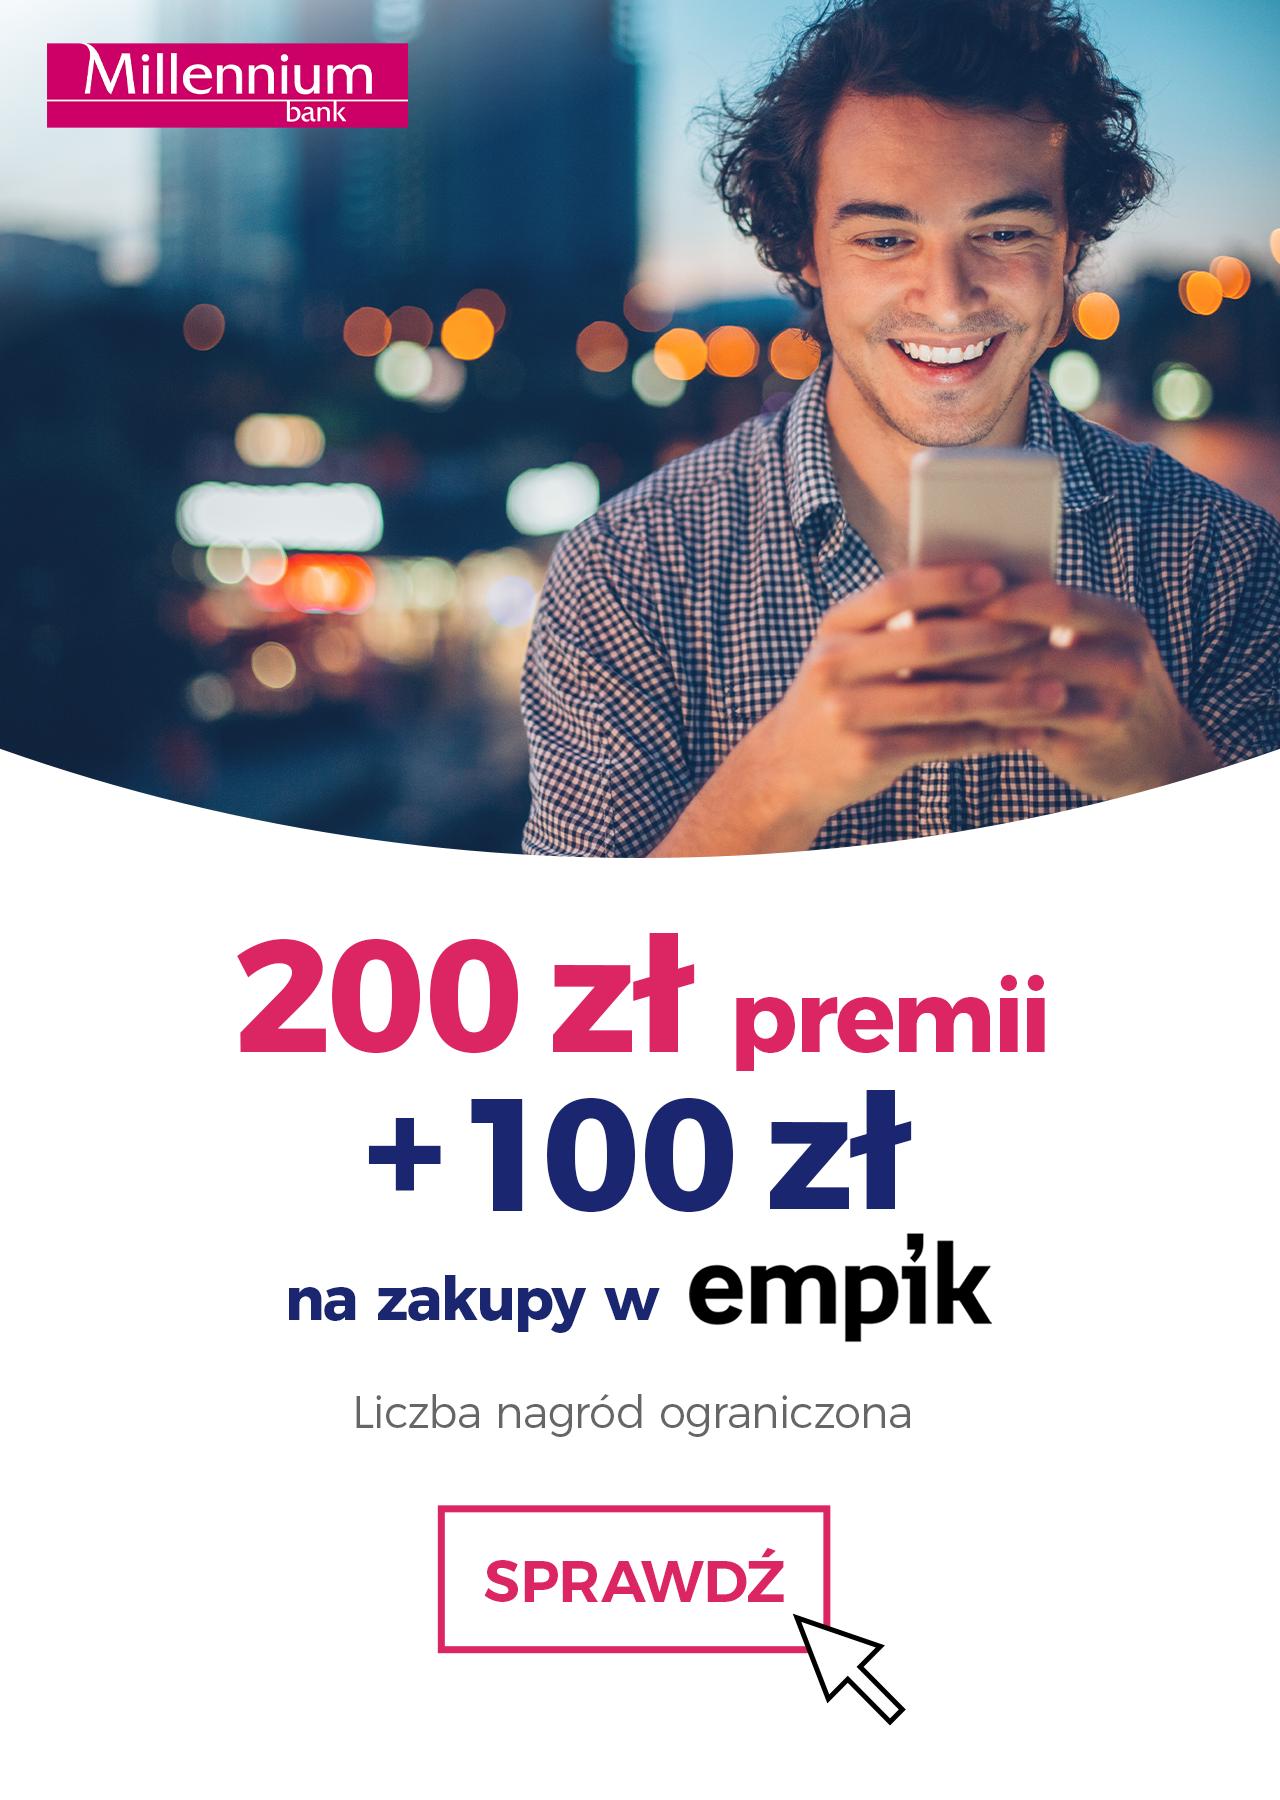 Gazetka Netto - Gatetka spożywcza-08.09.2019-14.09.2019-page-